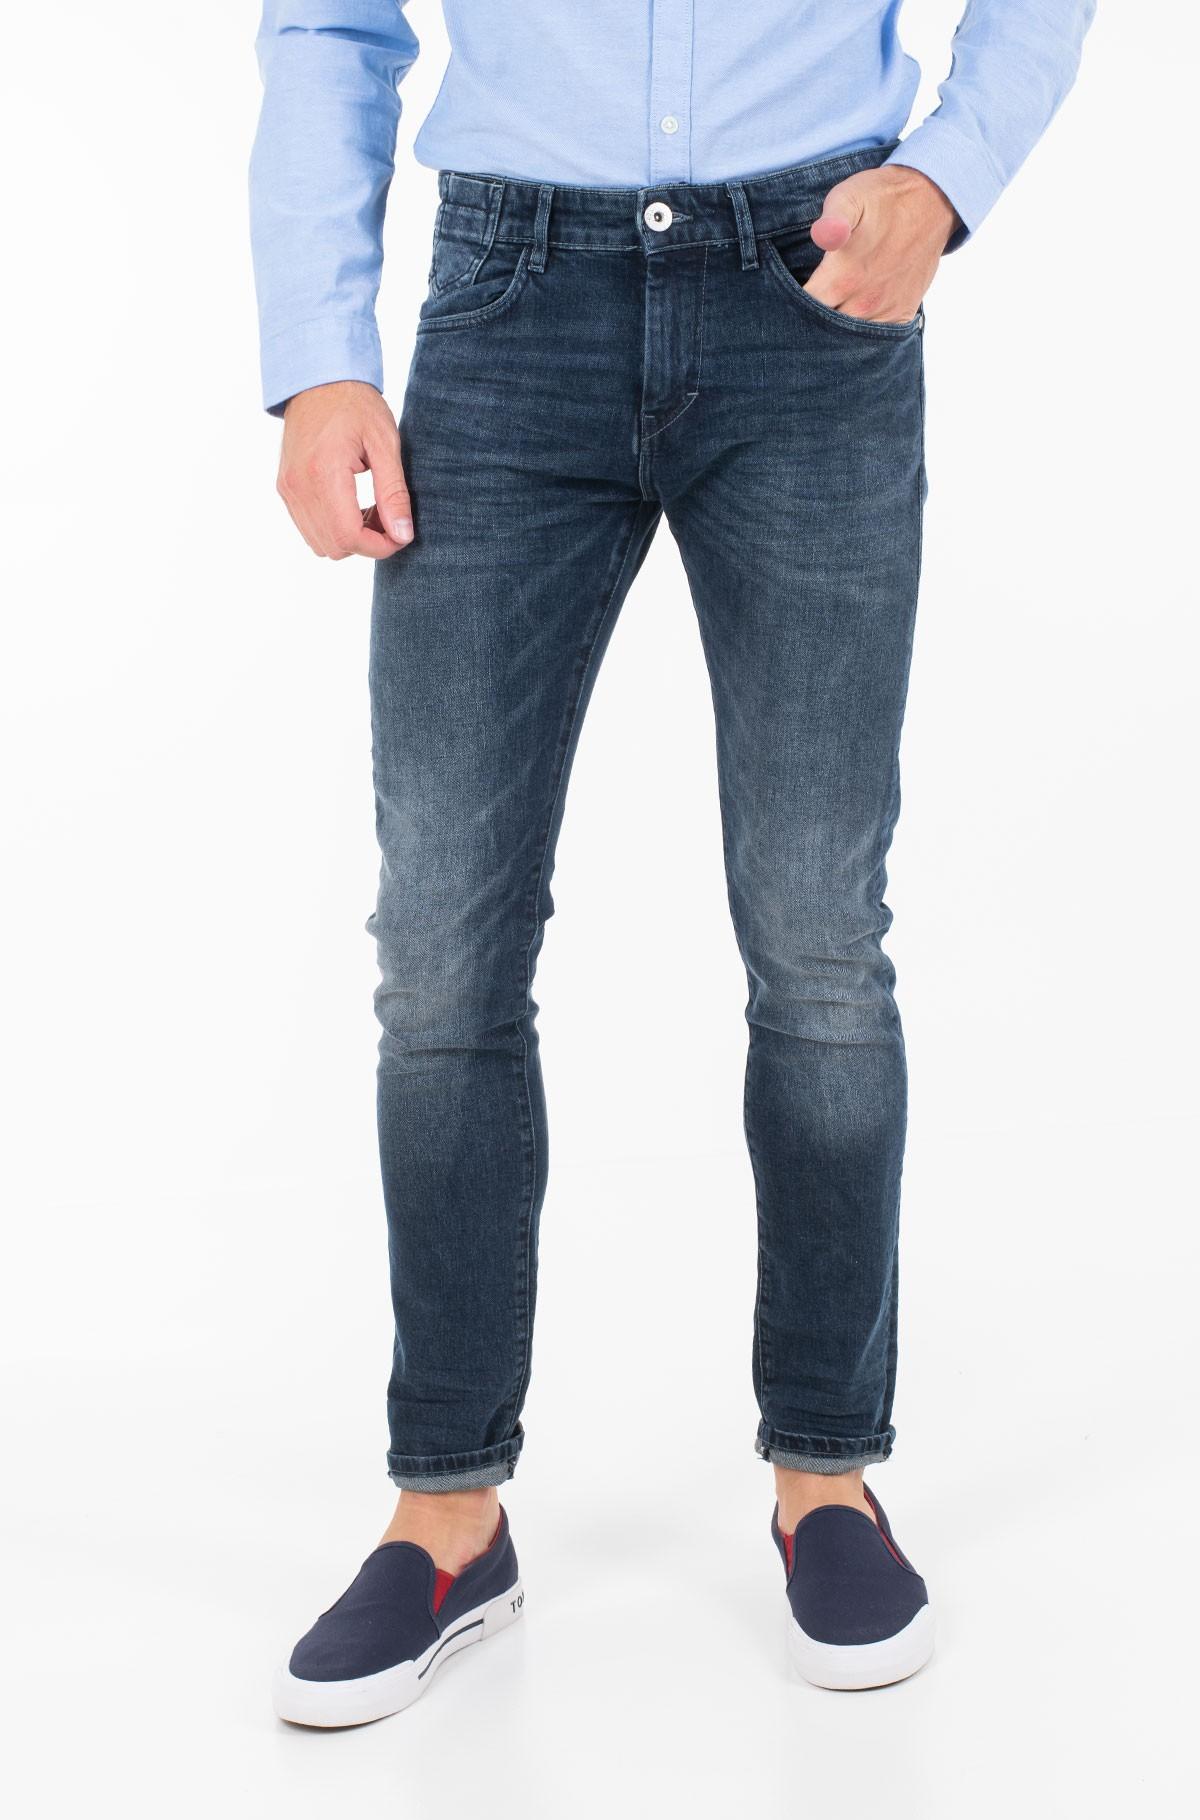 Jeans 1012226-full-1